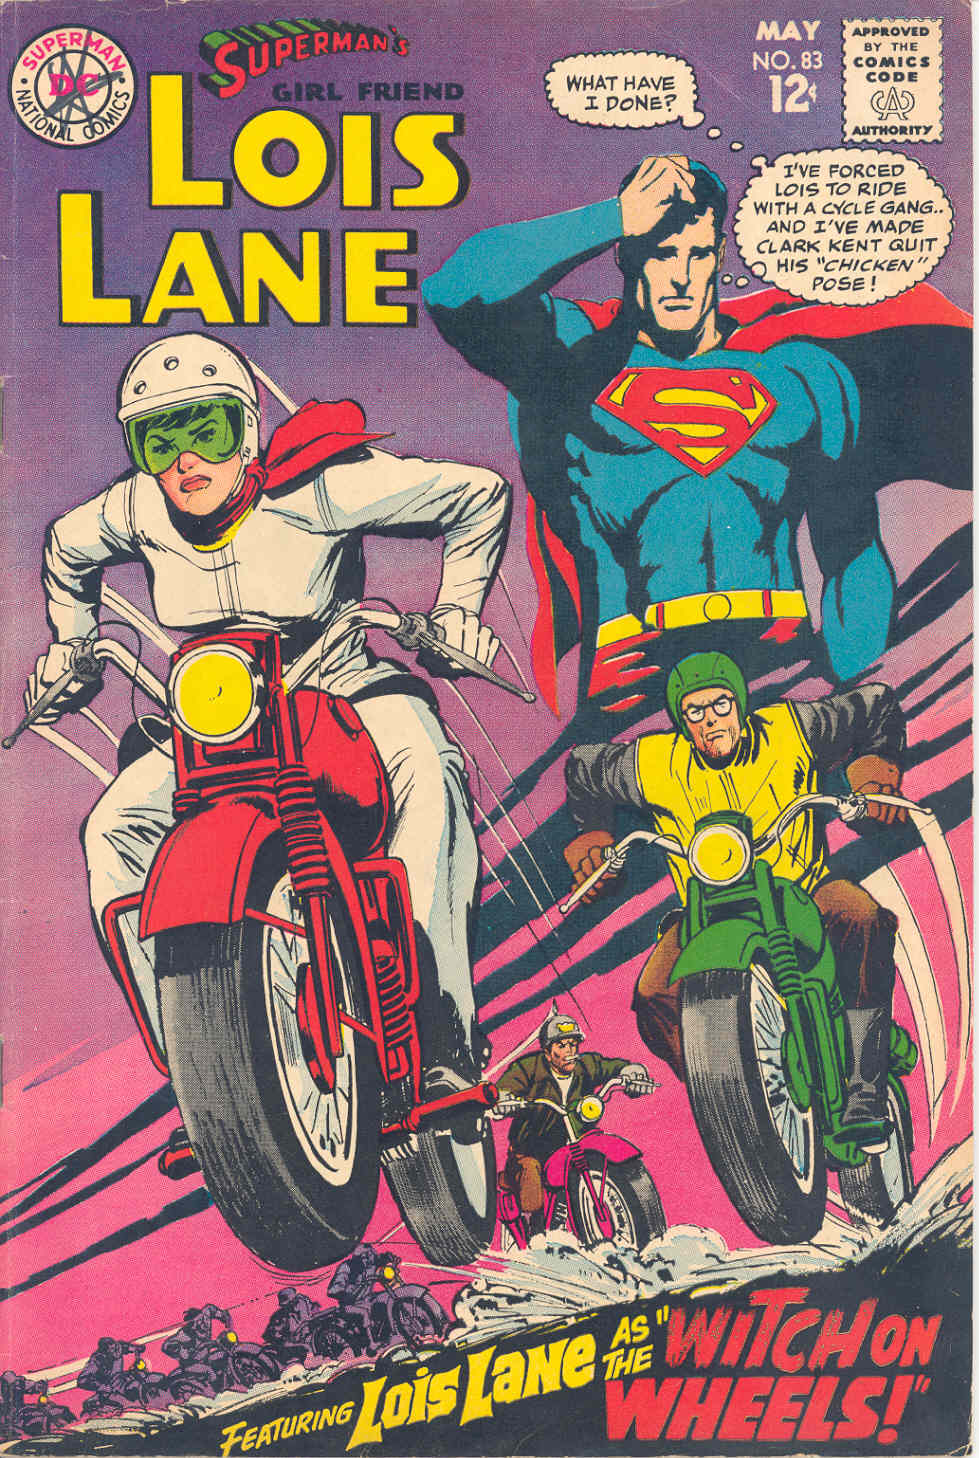 Supermans Girl Friend, Lois Lane 83 Page 1